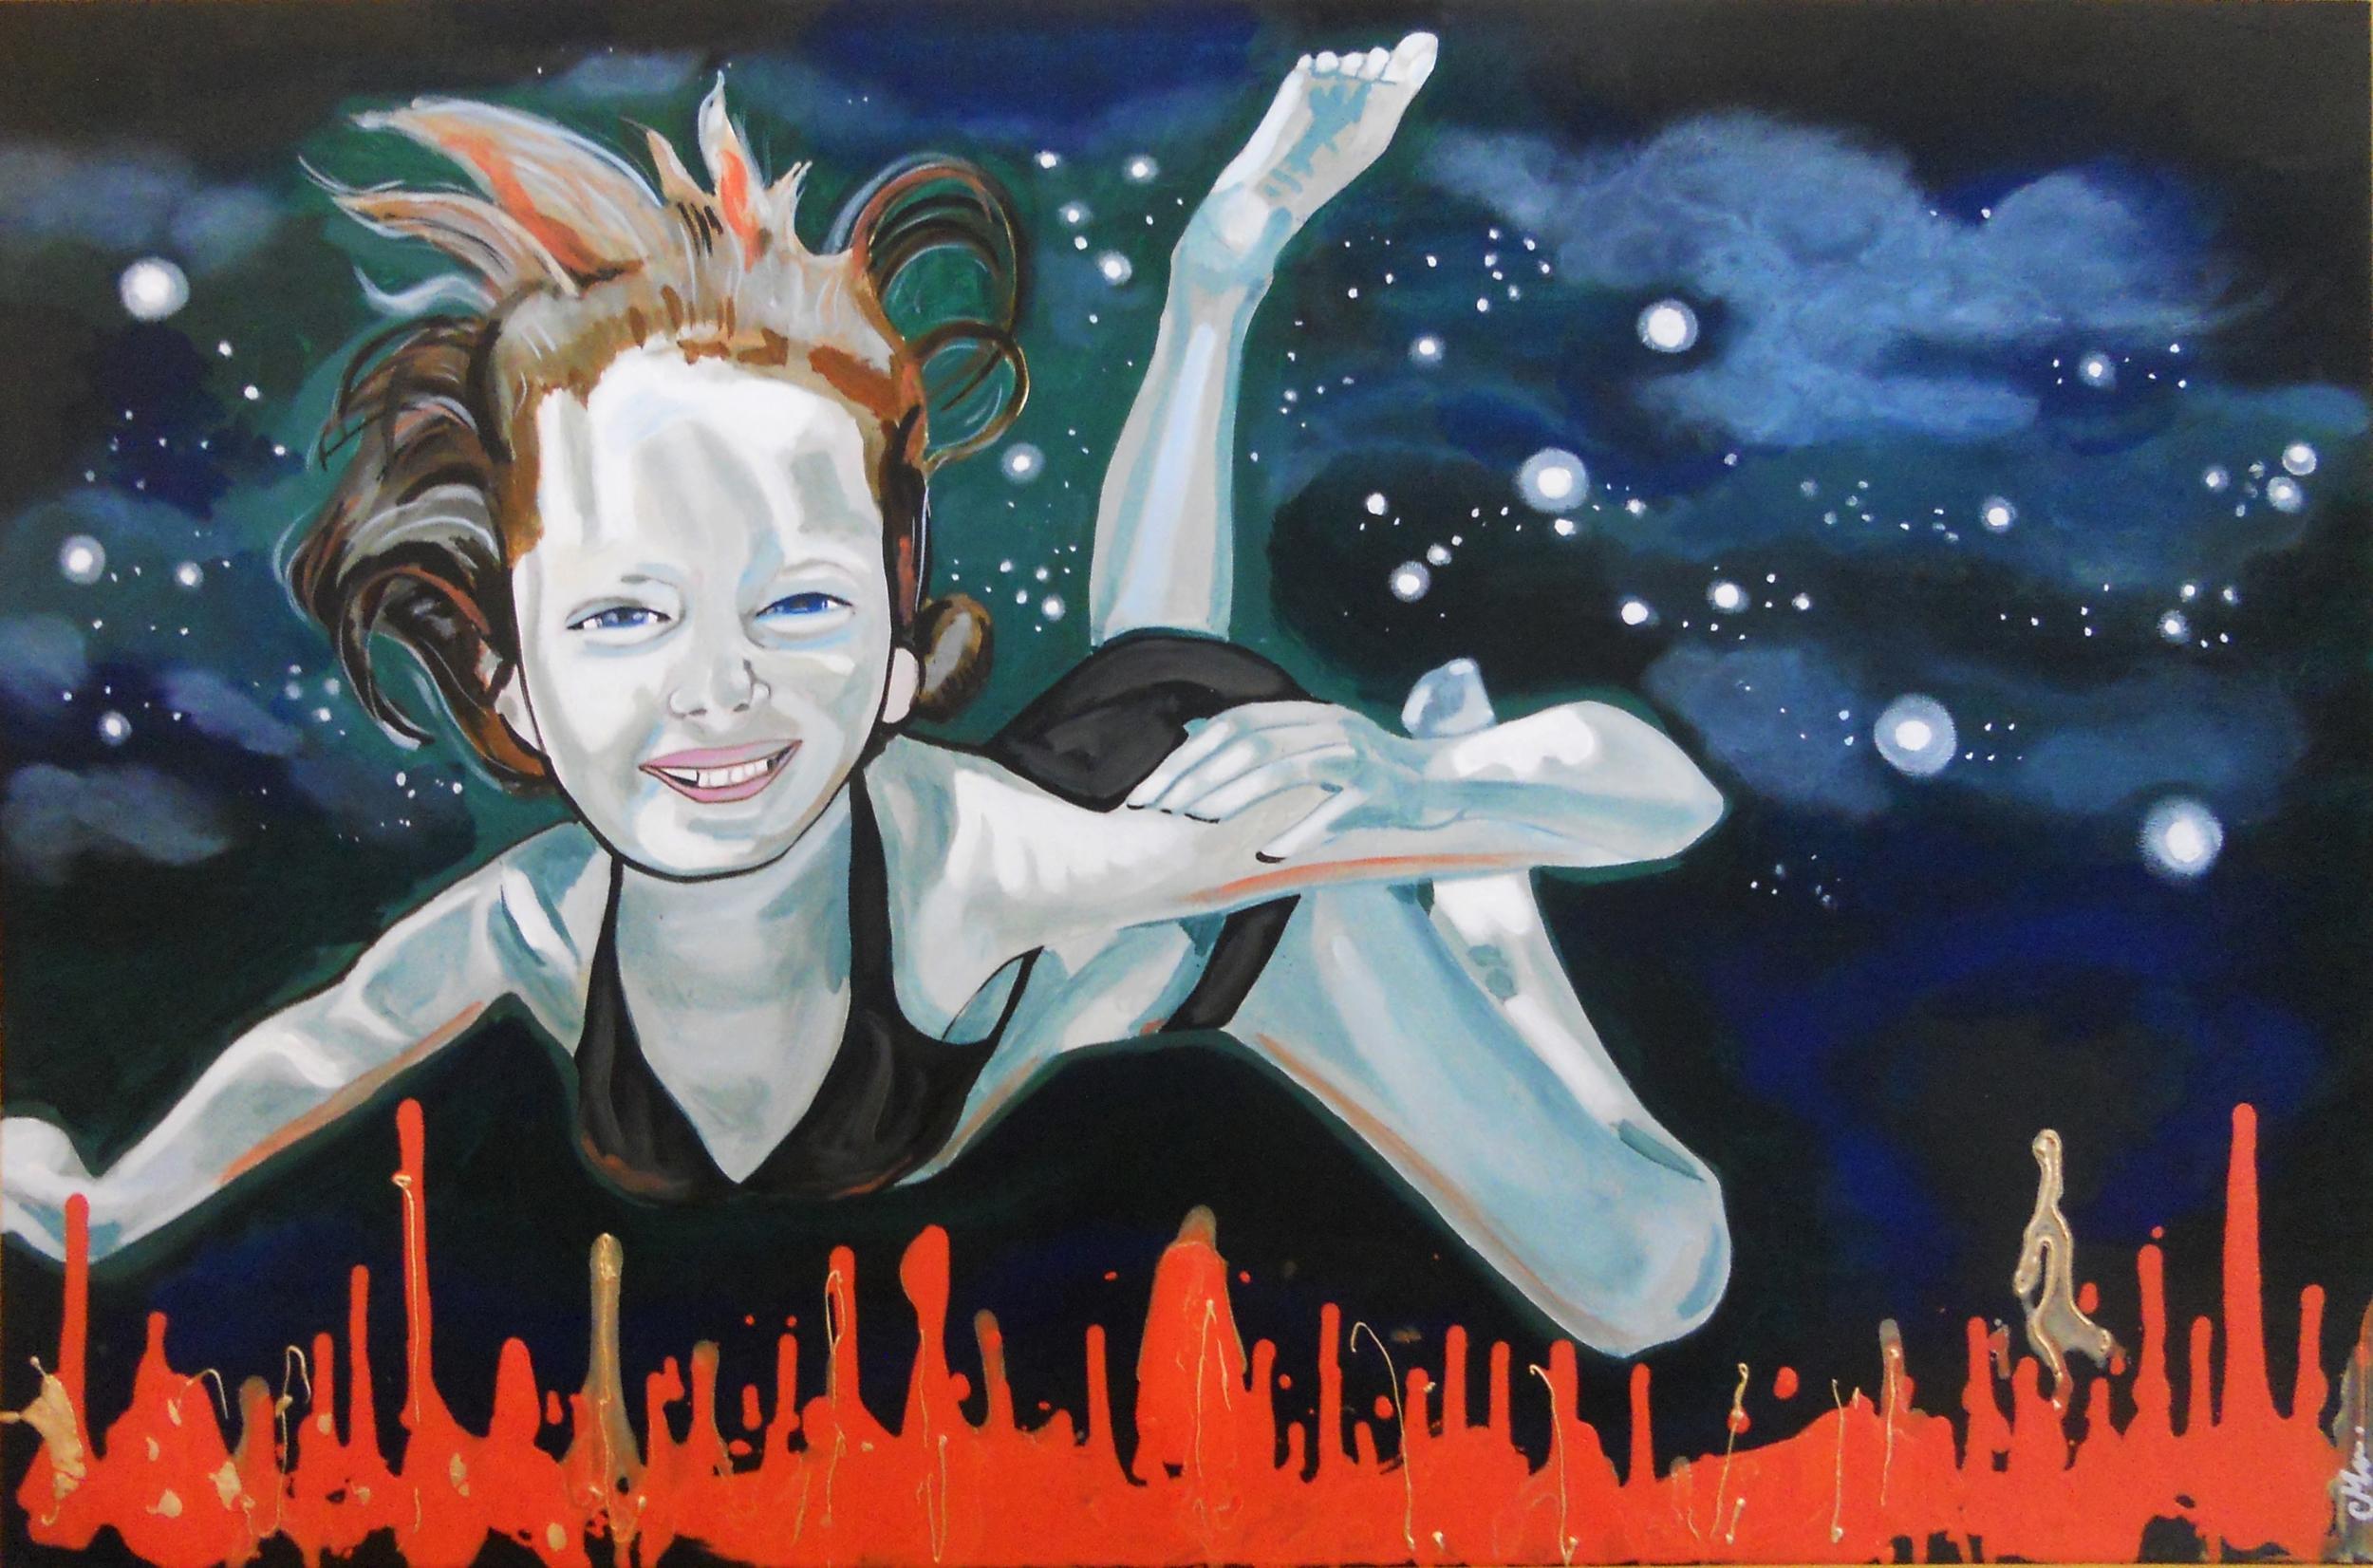 tableau art artiste contemporain surréalisme fille eau étoile bleu orange